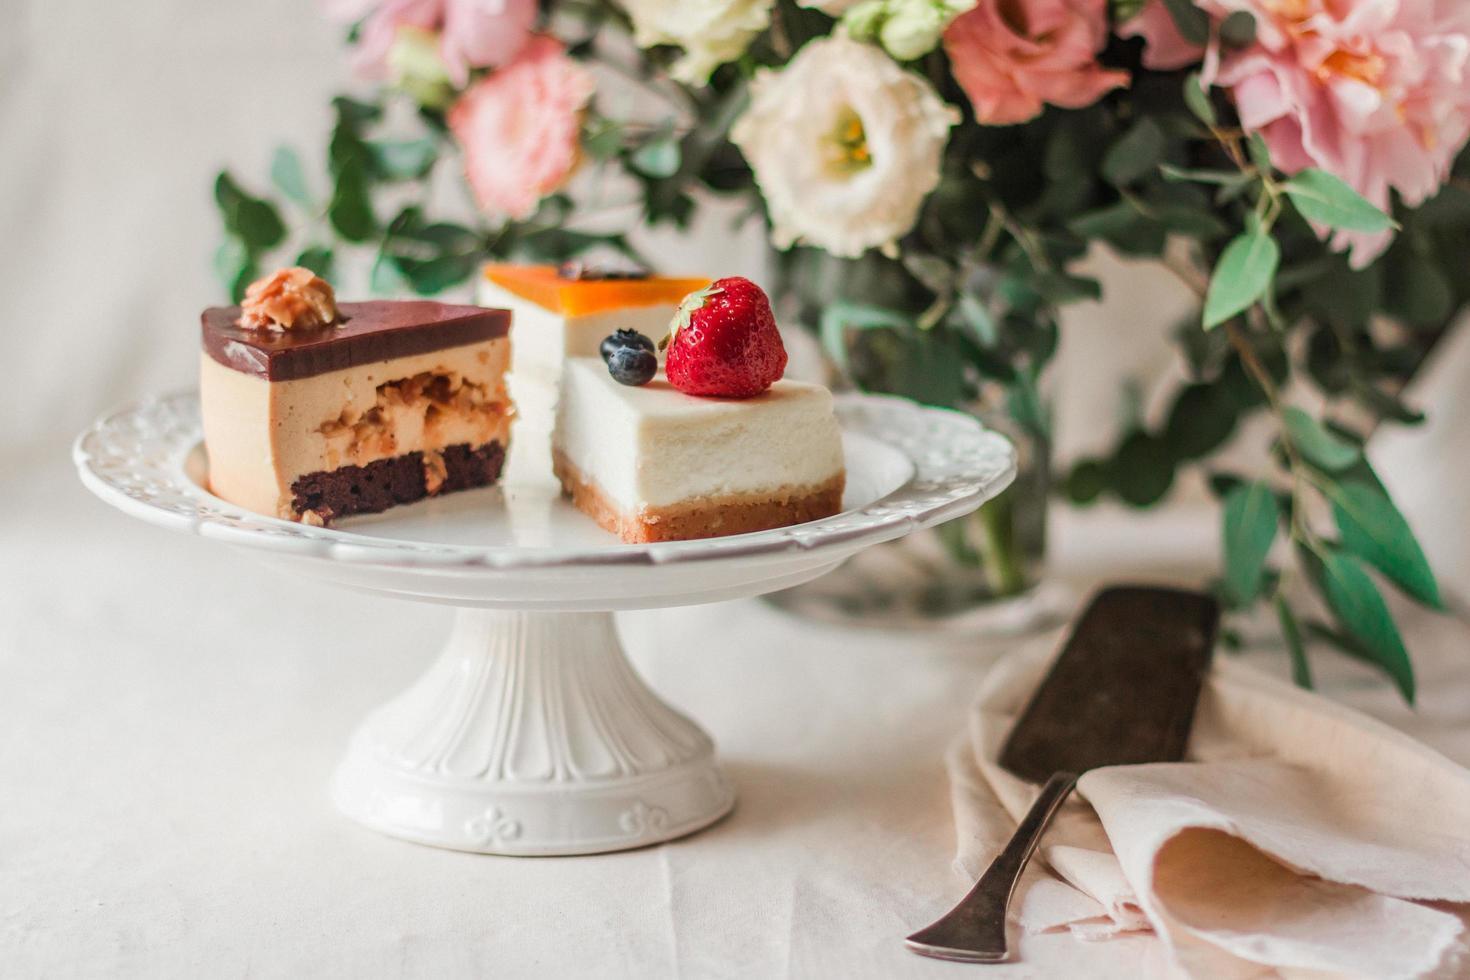 trois tranches de gâteaux photo